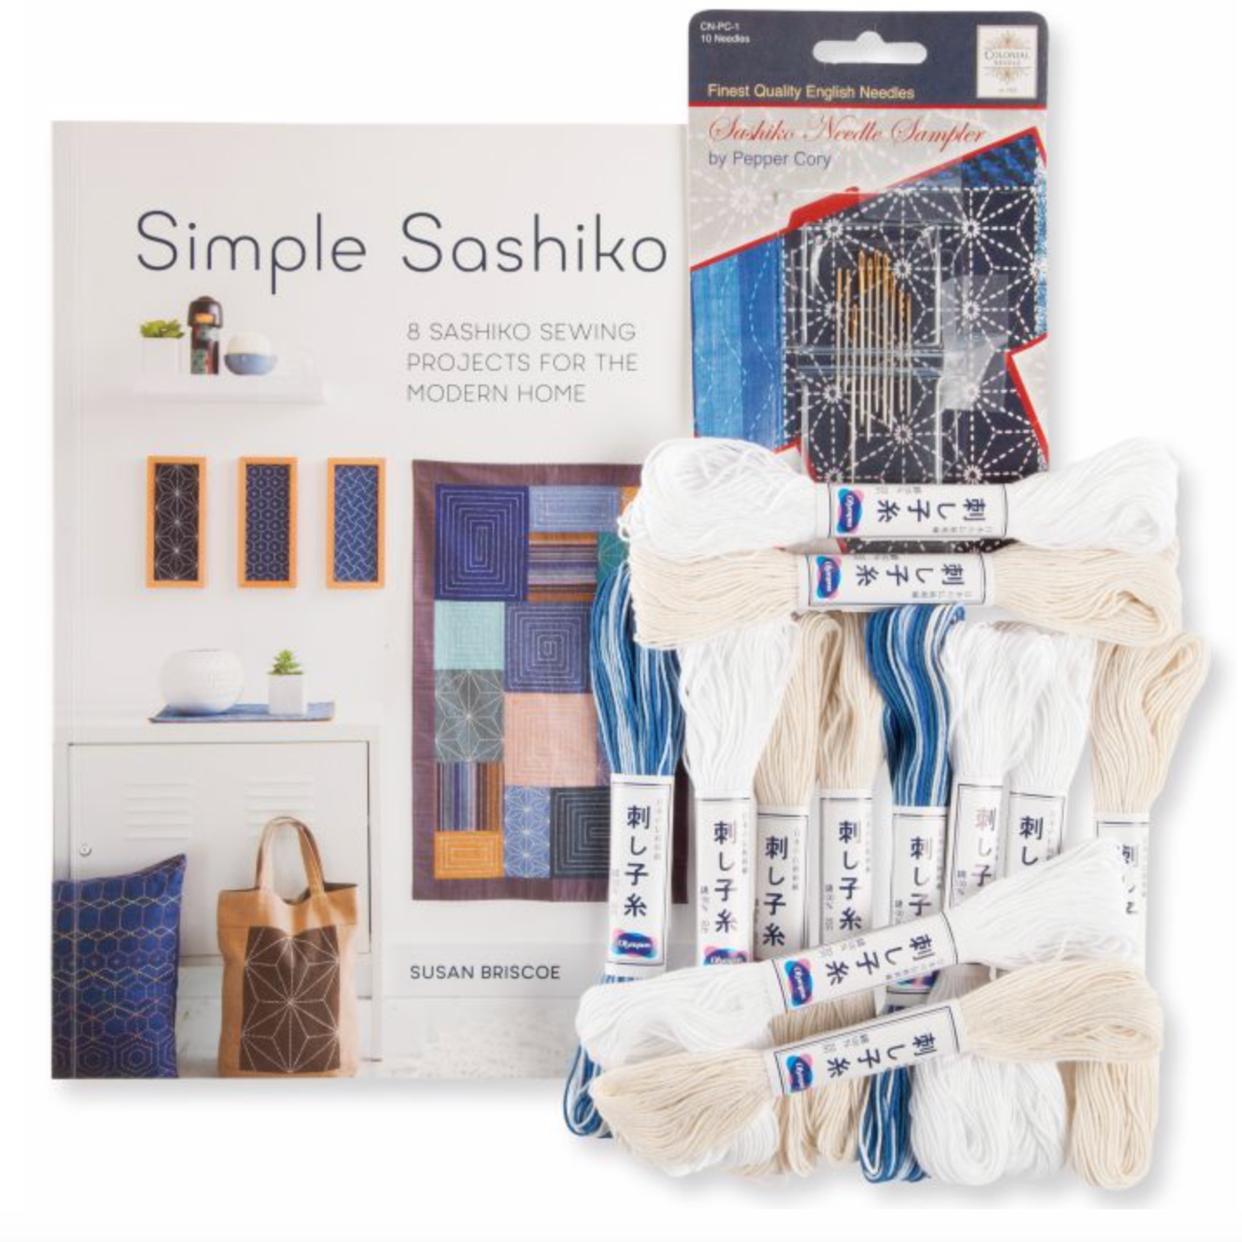 7. Simple Sashiko Starter Kit